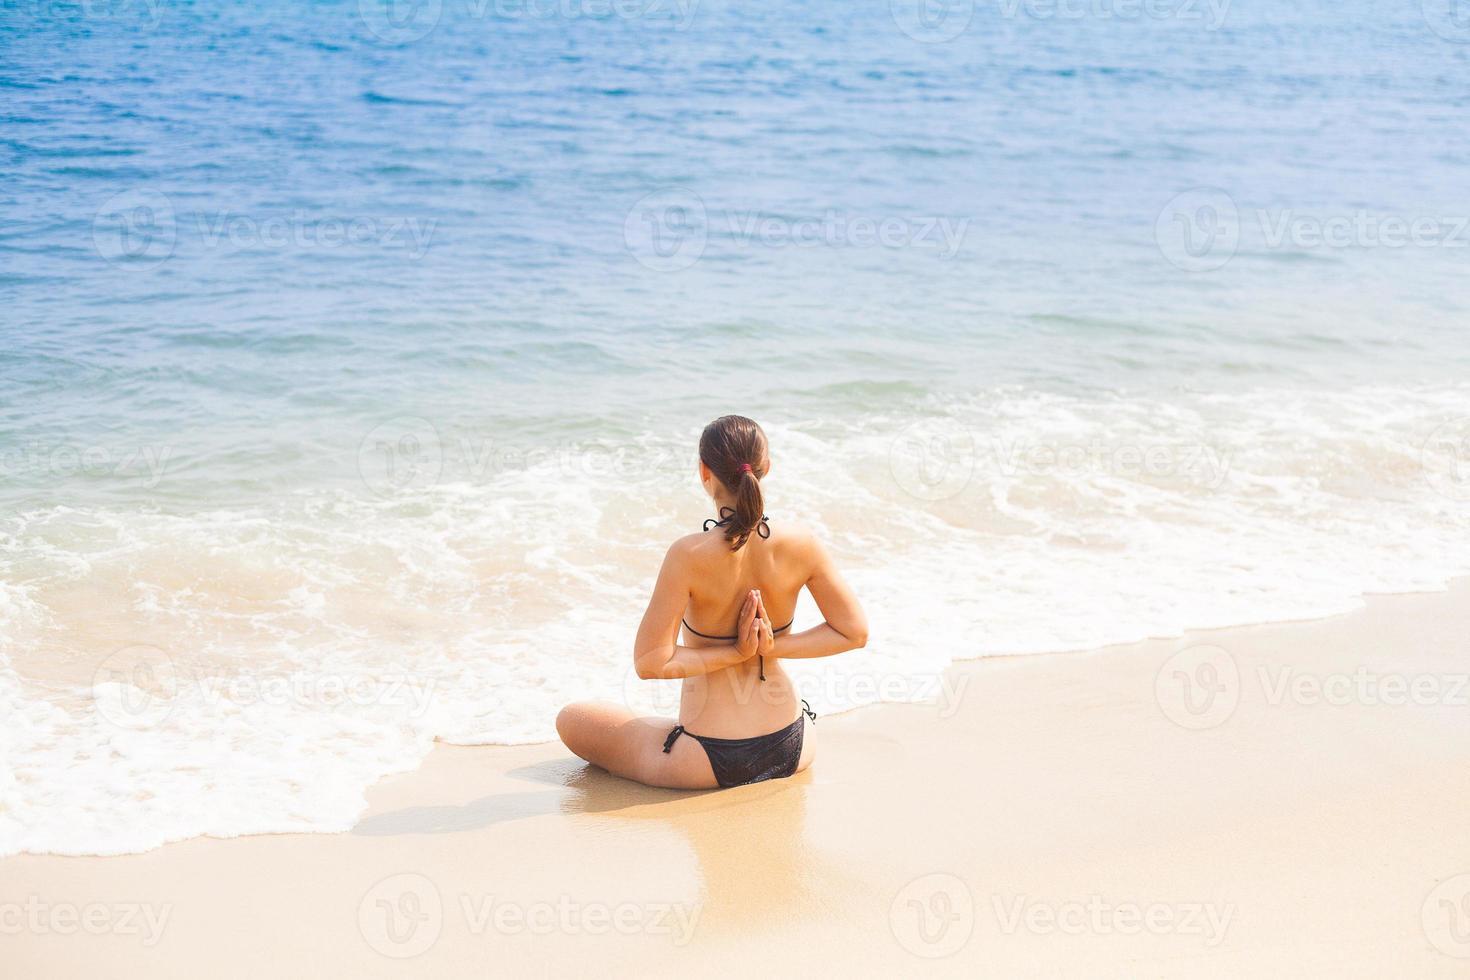 mujer caucásica practicando yoga en la playa foto